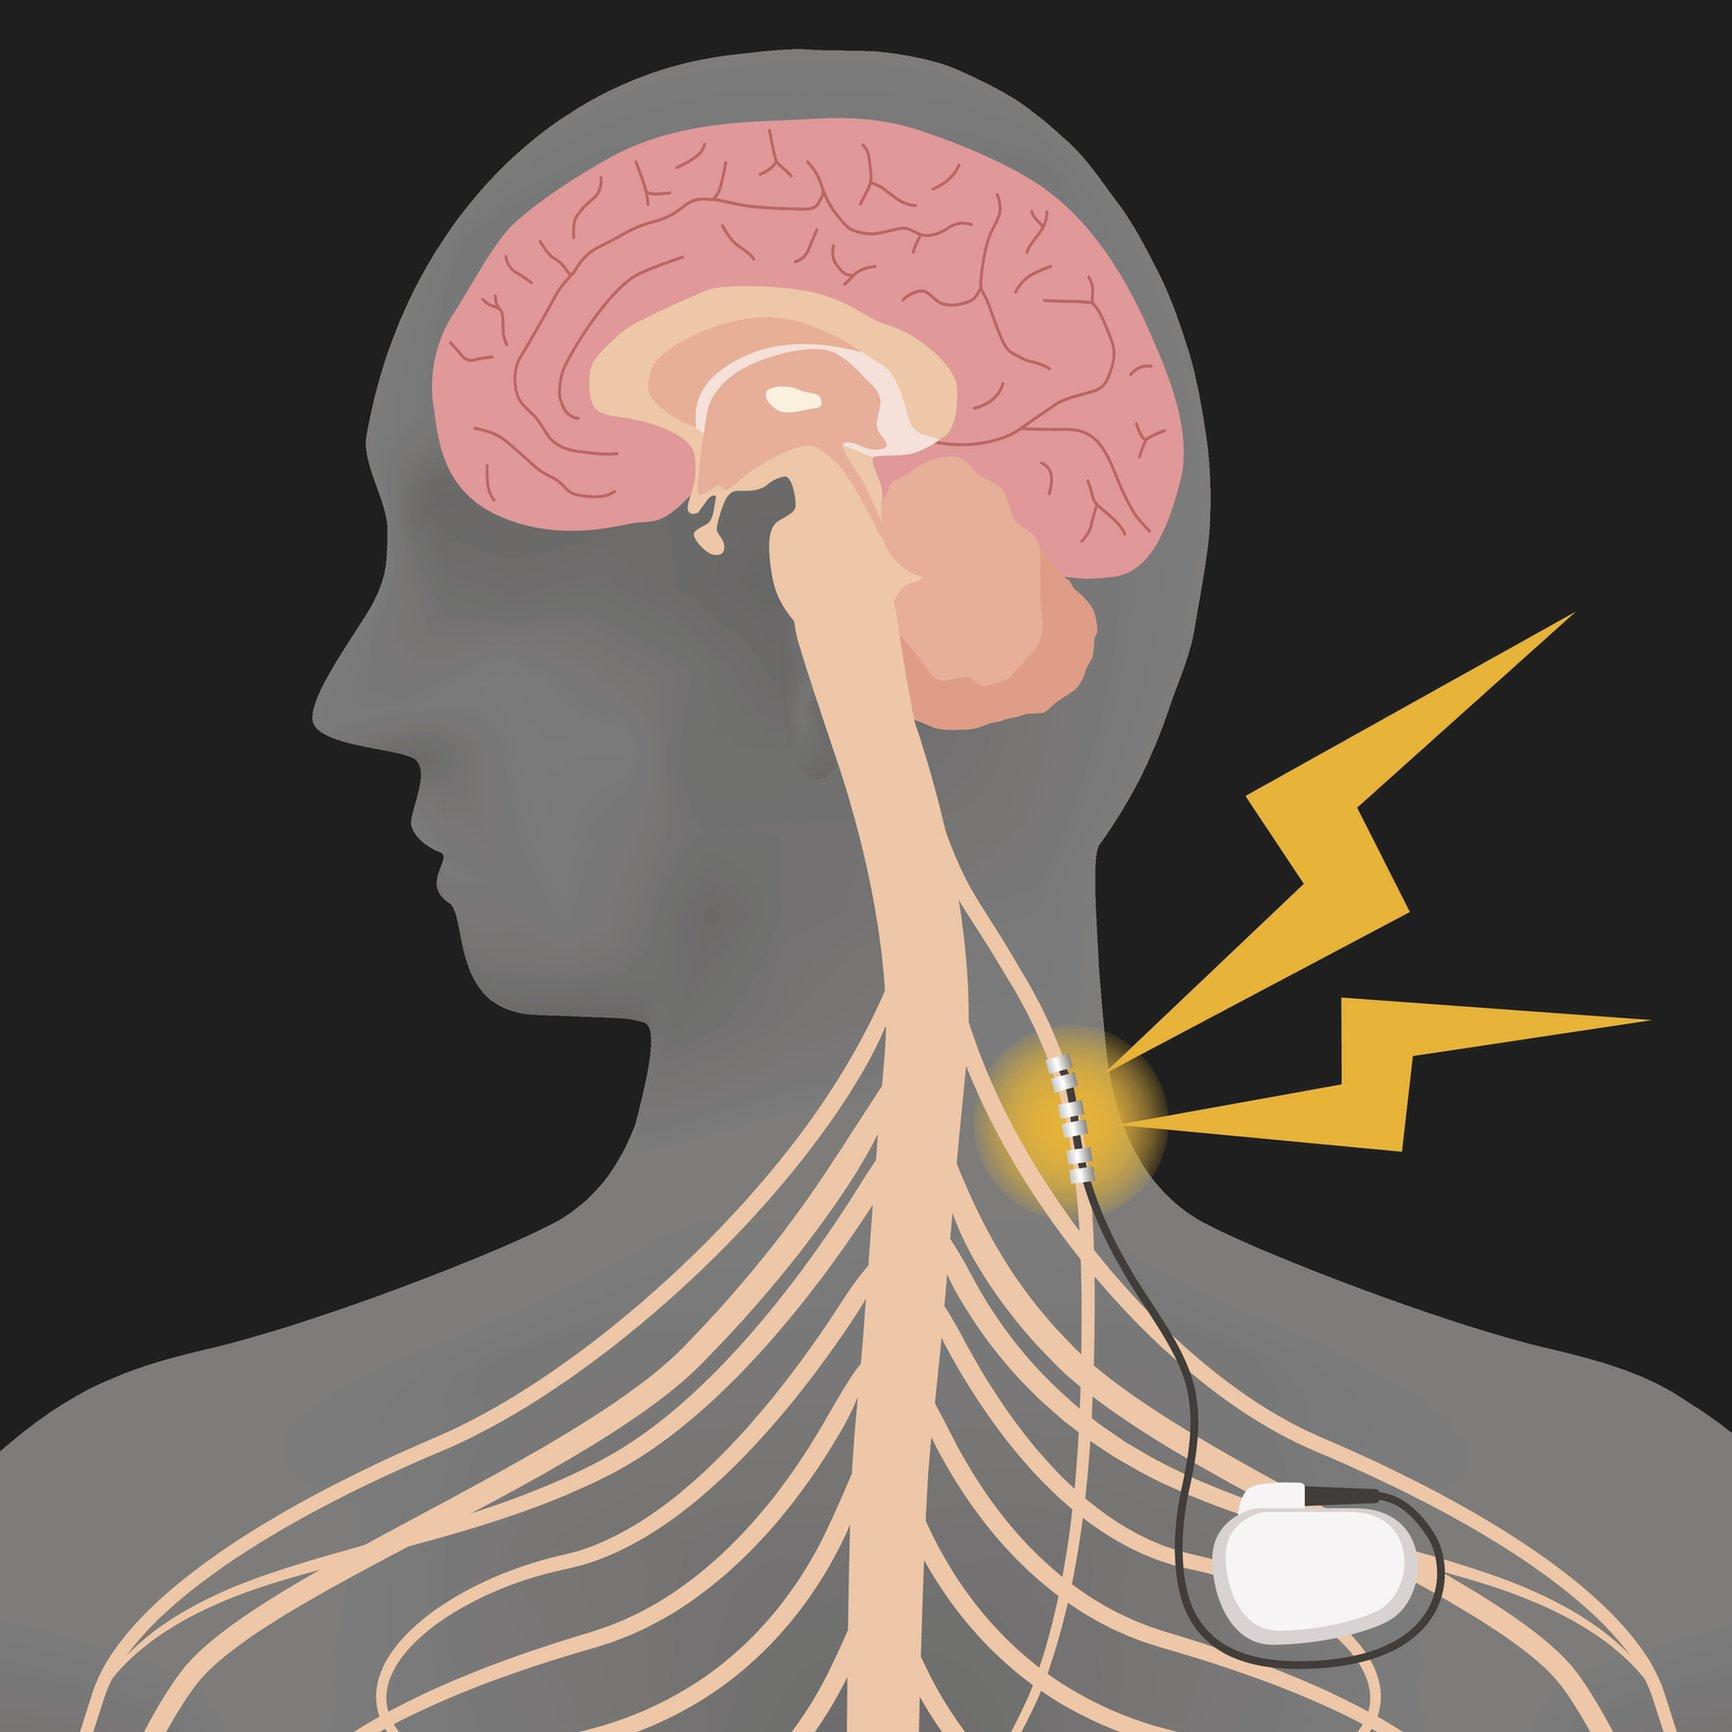 Ilustración de la estimulación del nervio vago.